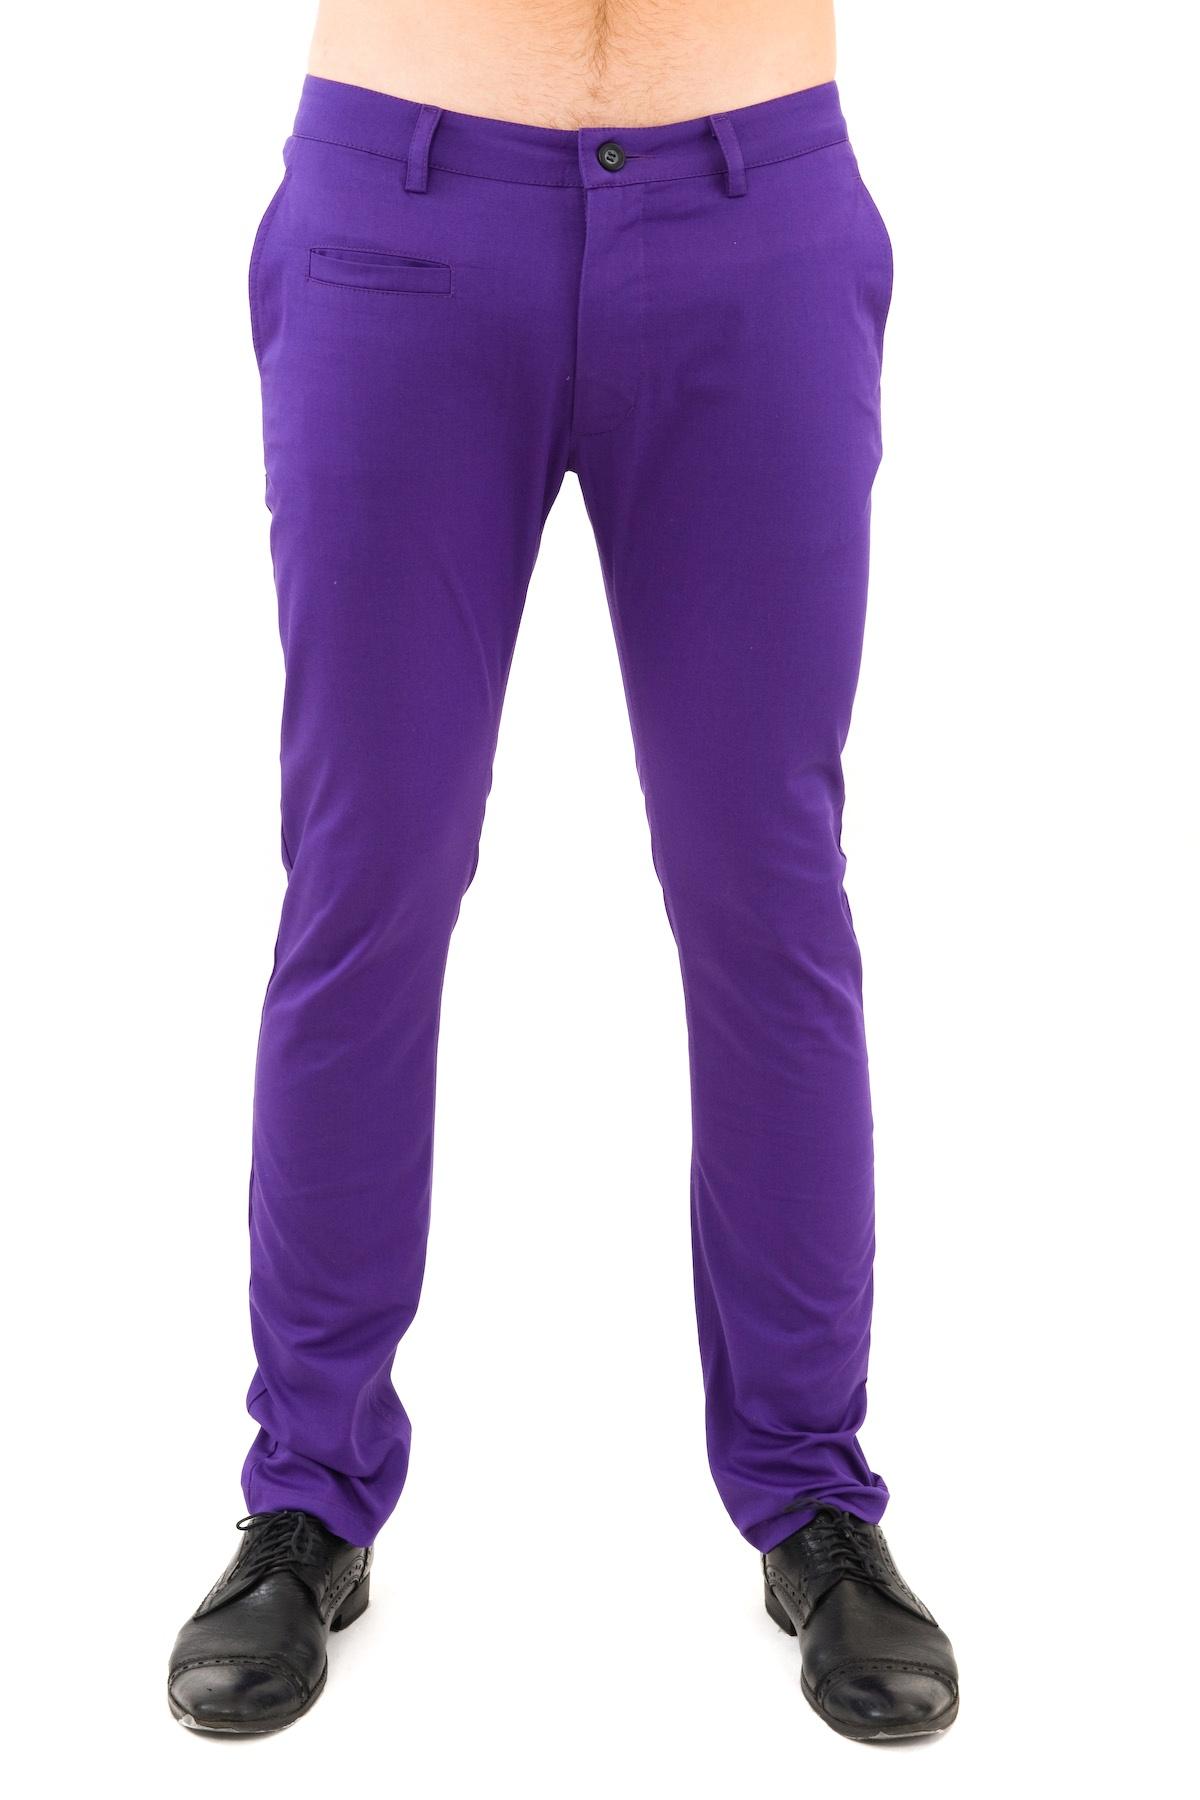 БрюкиБрюки, джинсы, шорты от производителя<br>Актуальные мужские брюки Doctor E. Комфорт, удобство, стиль - далеко не все преимущества данного предмета гардероба. Модель с брючинами прямого покроя. Дополнена карманами различного типа. На поясе предусмотрены шлевки для ремня. Брюки будут отлично сочет<br><br>Цвет: фиолетовый<br>Состав: 97% хлопок, 3% лайкра<br>Размер: 44,46,48,50,52,54<br>Страна дизайна: Россия<br>Страна производства: Россия